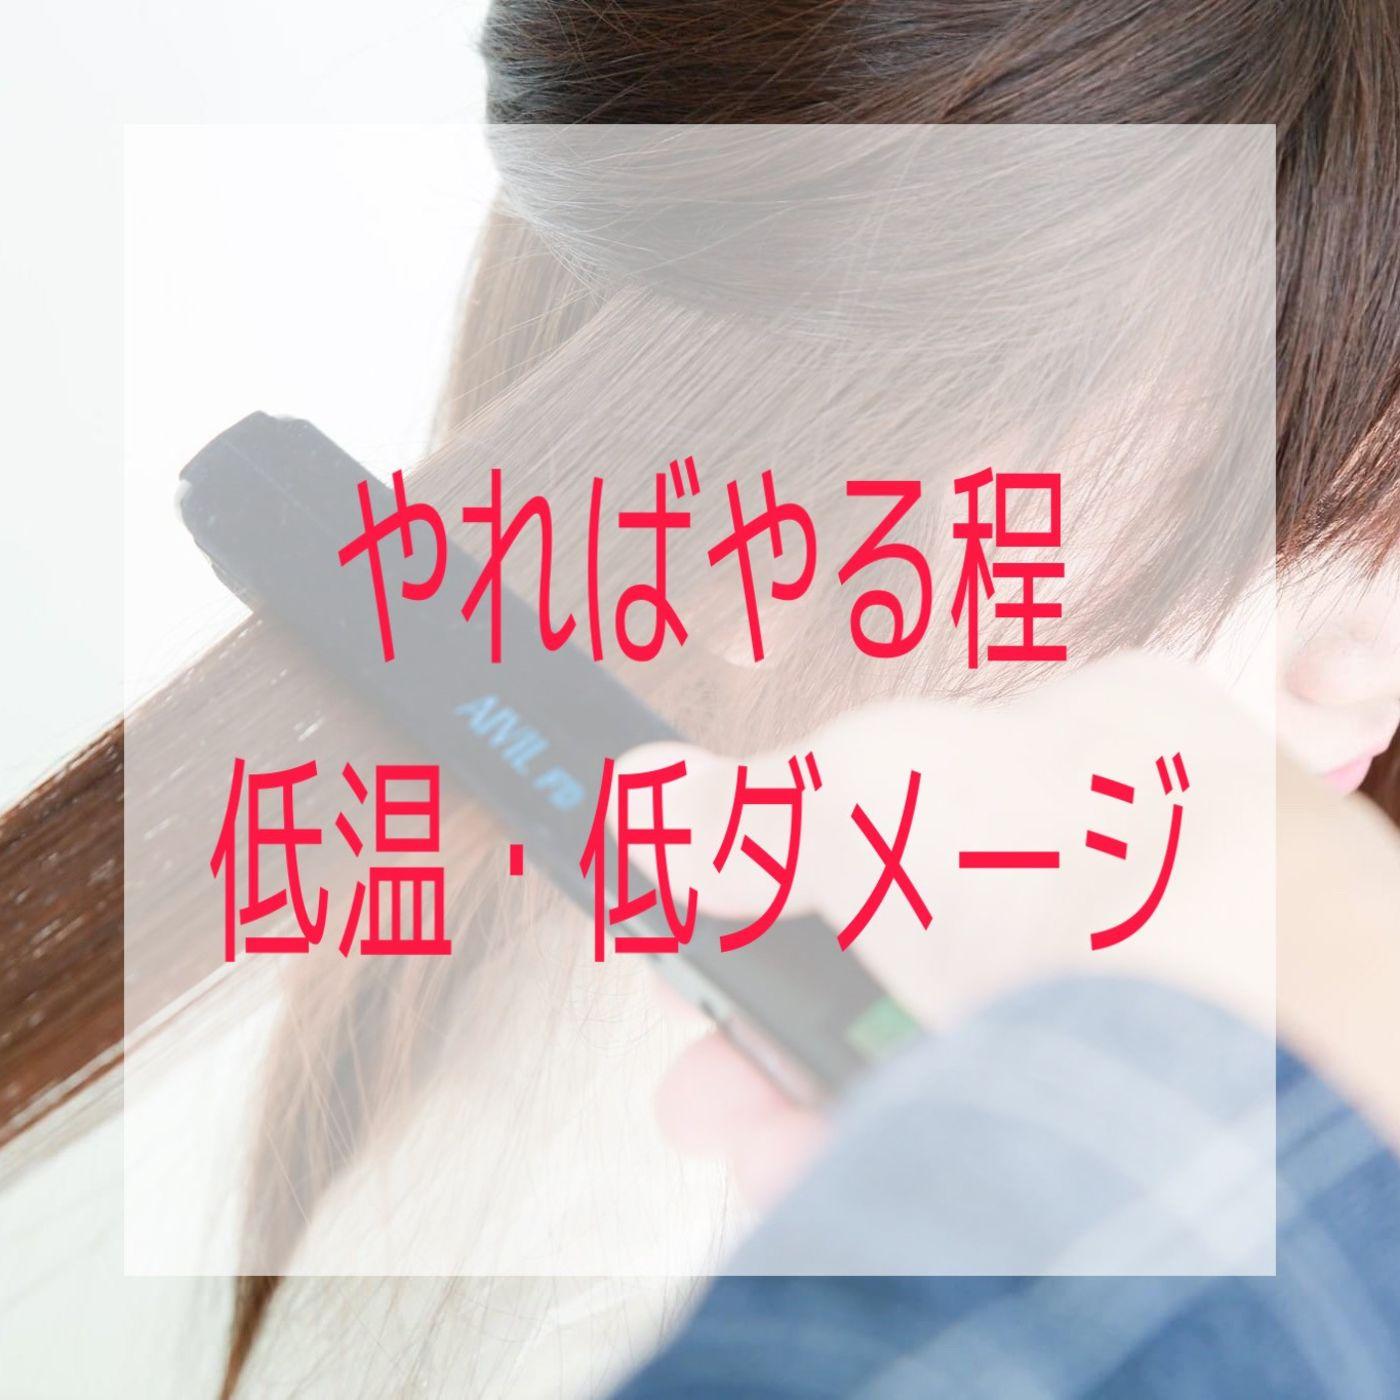 やればやるほど低ダメージの設定で髪質改善縮毛矯正をできます!